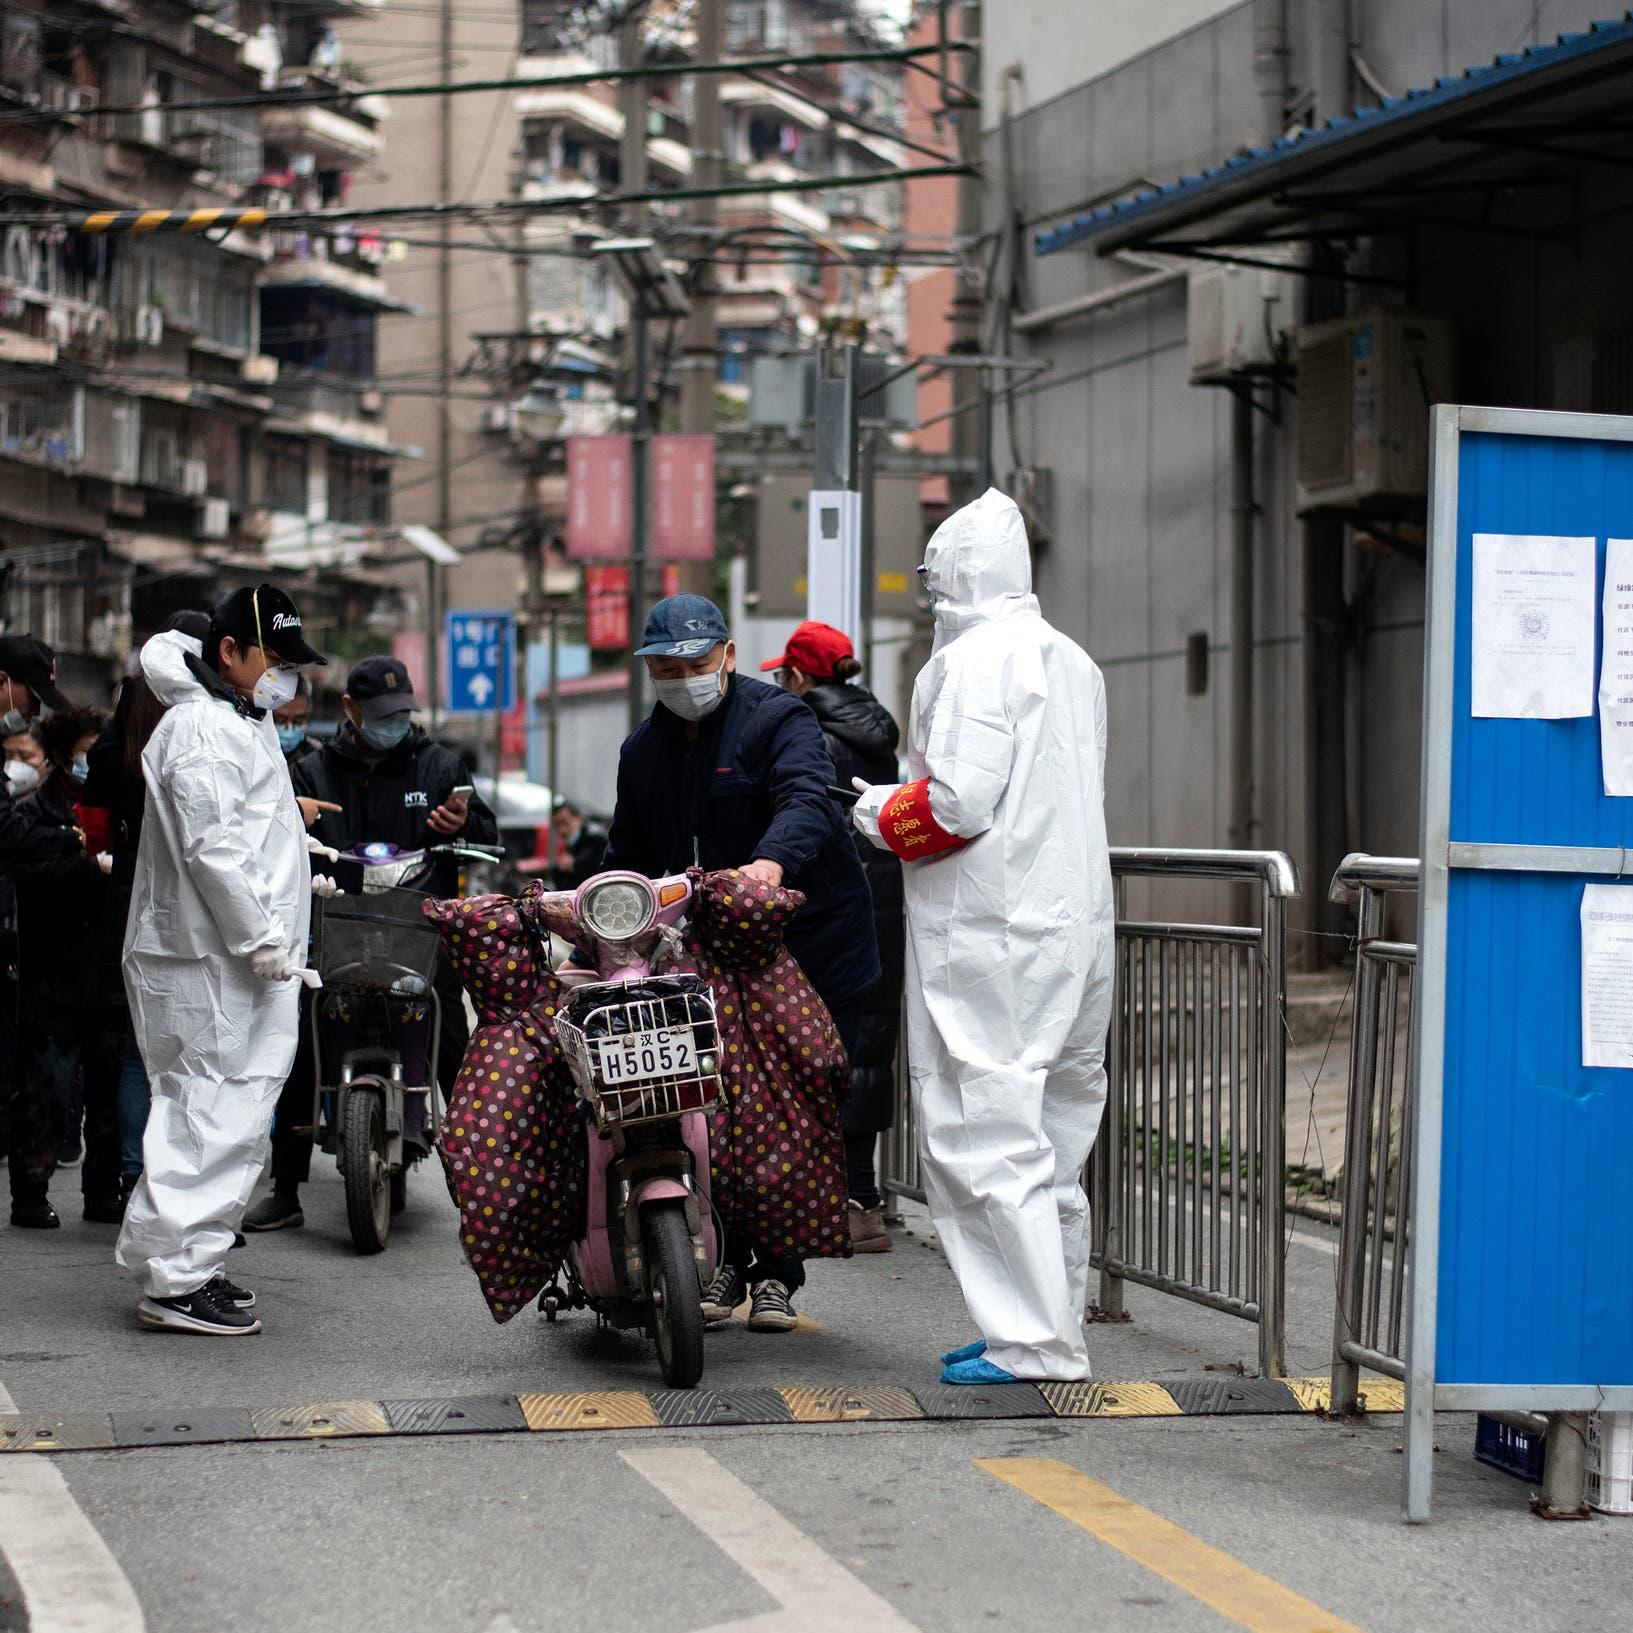 الصين تفتح الأبواب لووهان.. وتغلقها في الشمال